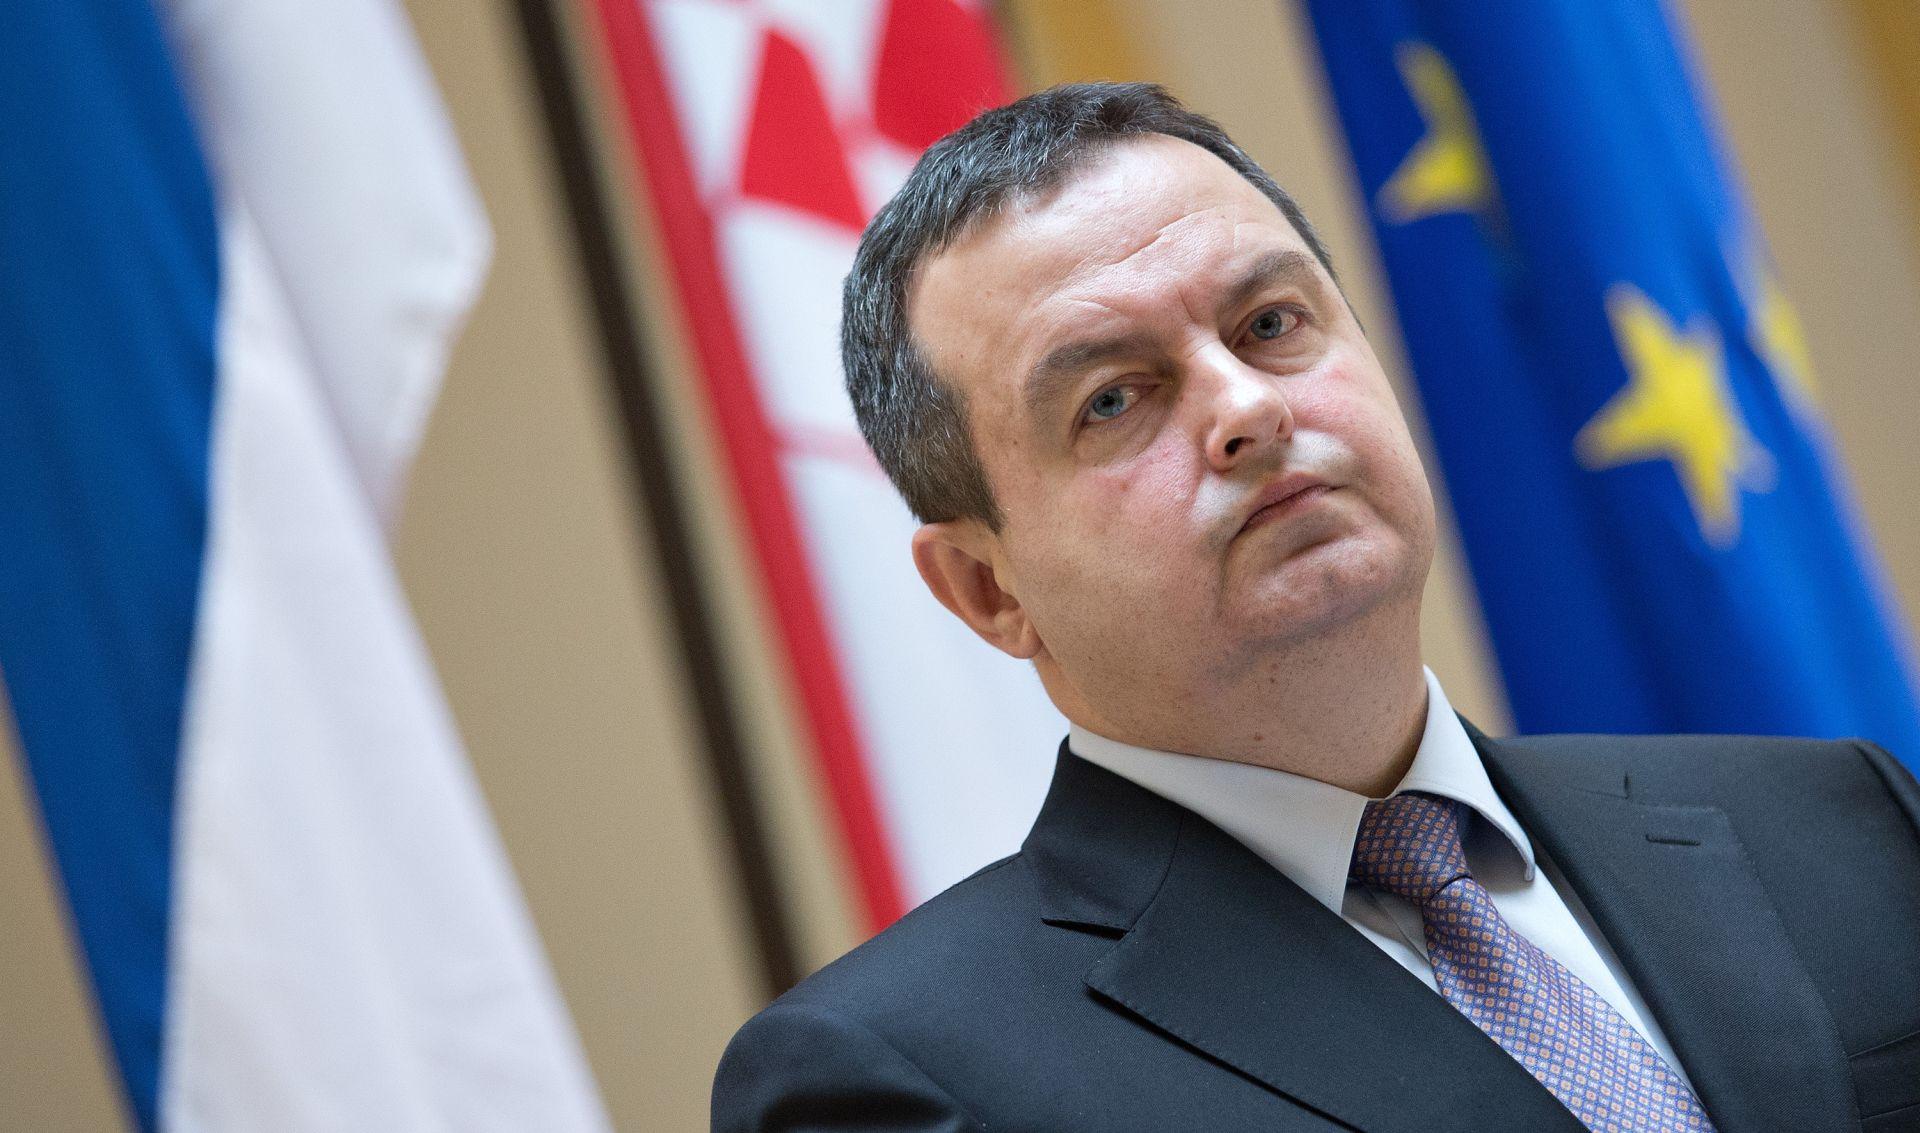 """DAČIĆ ODGOVORIO KOVAČU """"Hoćemo dobre odnose s Hrvatskom, ali ne po cijenu da se ratni zločinci pretvaraju u navodne mučenike"""""""